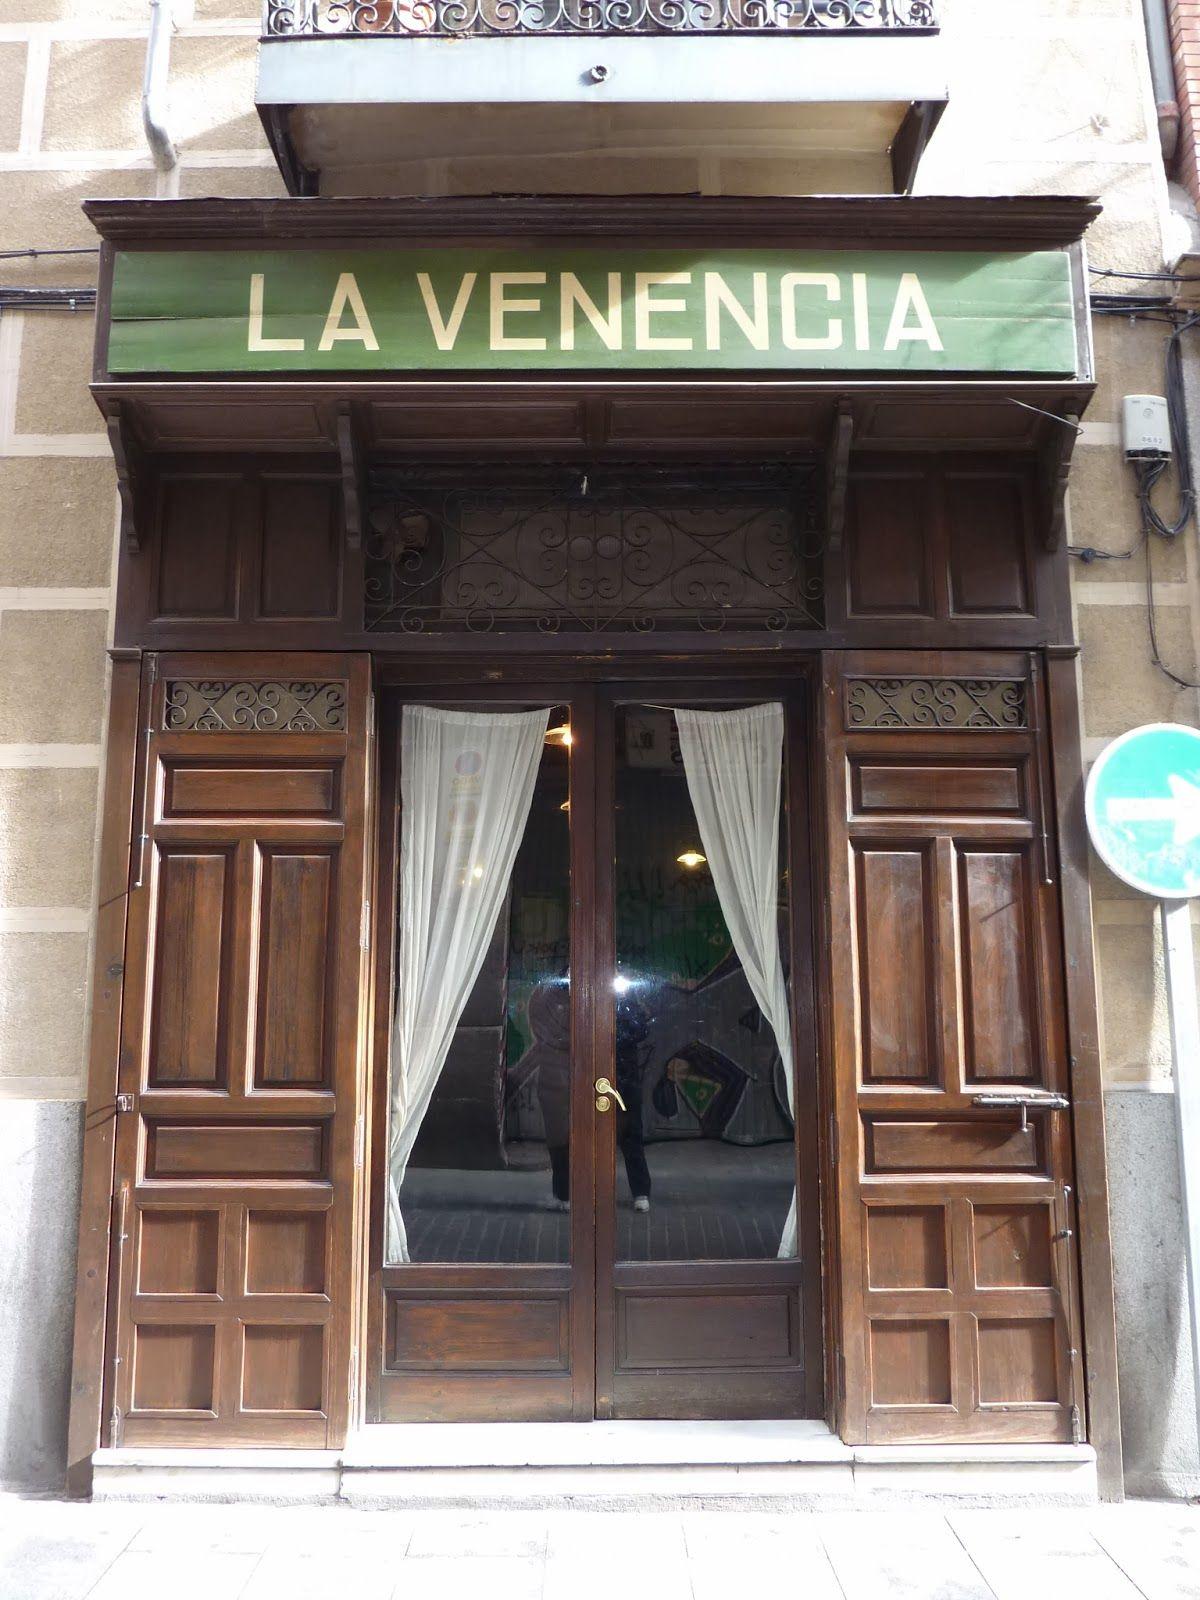 La Venencia Está En La Calle Echegaray 7 Un Poco De Historia La Venencia Fue Fundada En 1922 Comenta Edificios Antiguos Fachadas Edificios Cubiertas De Bar